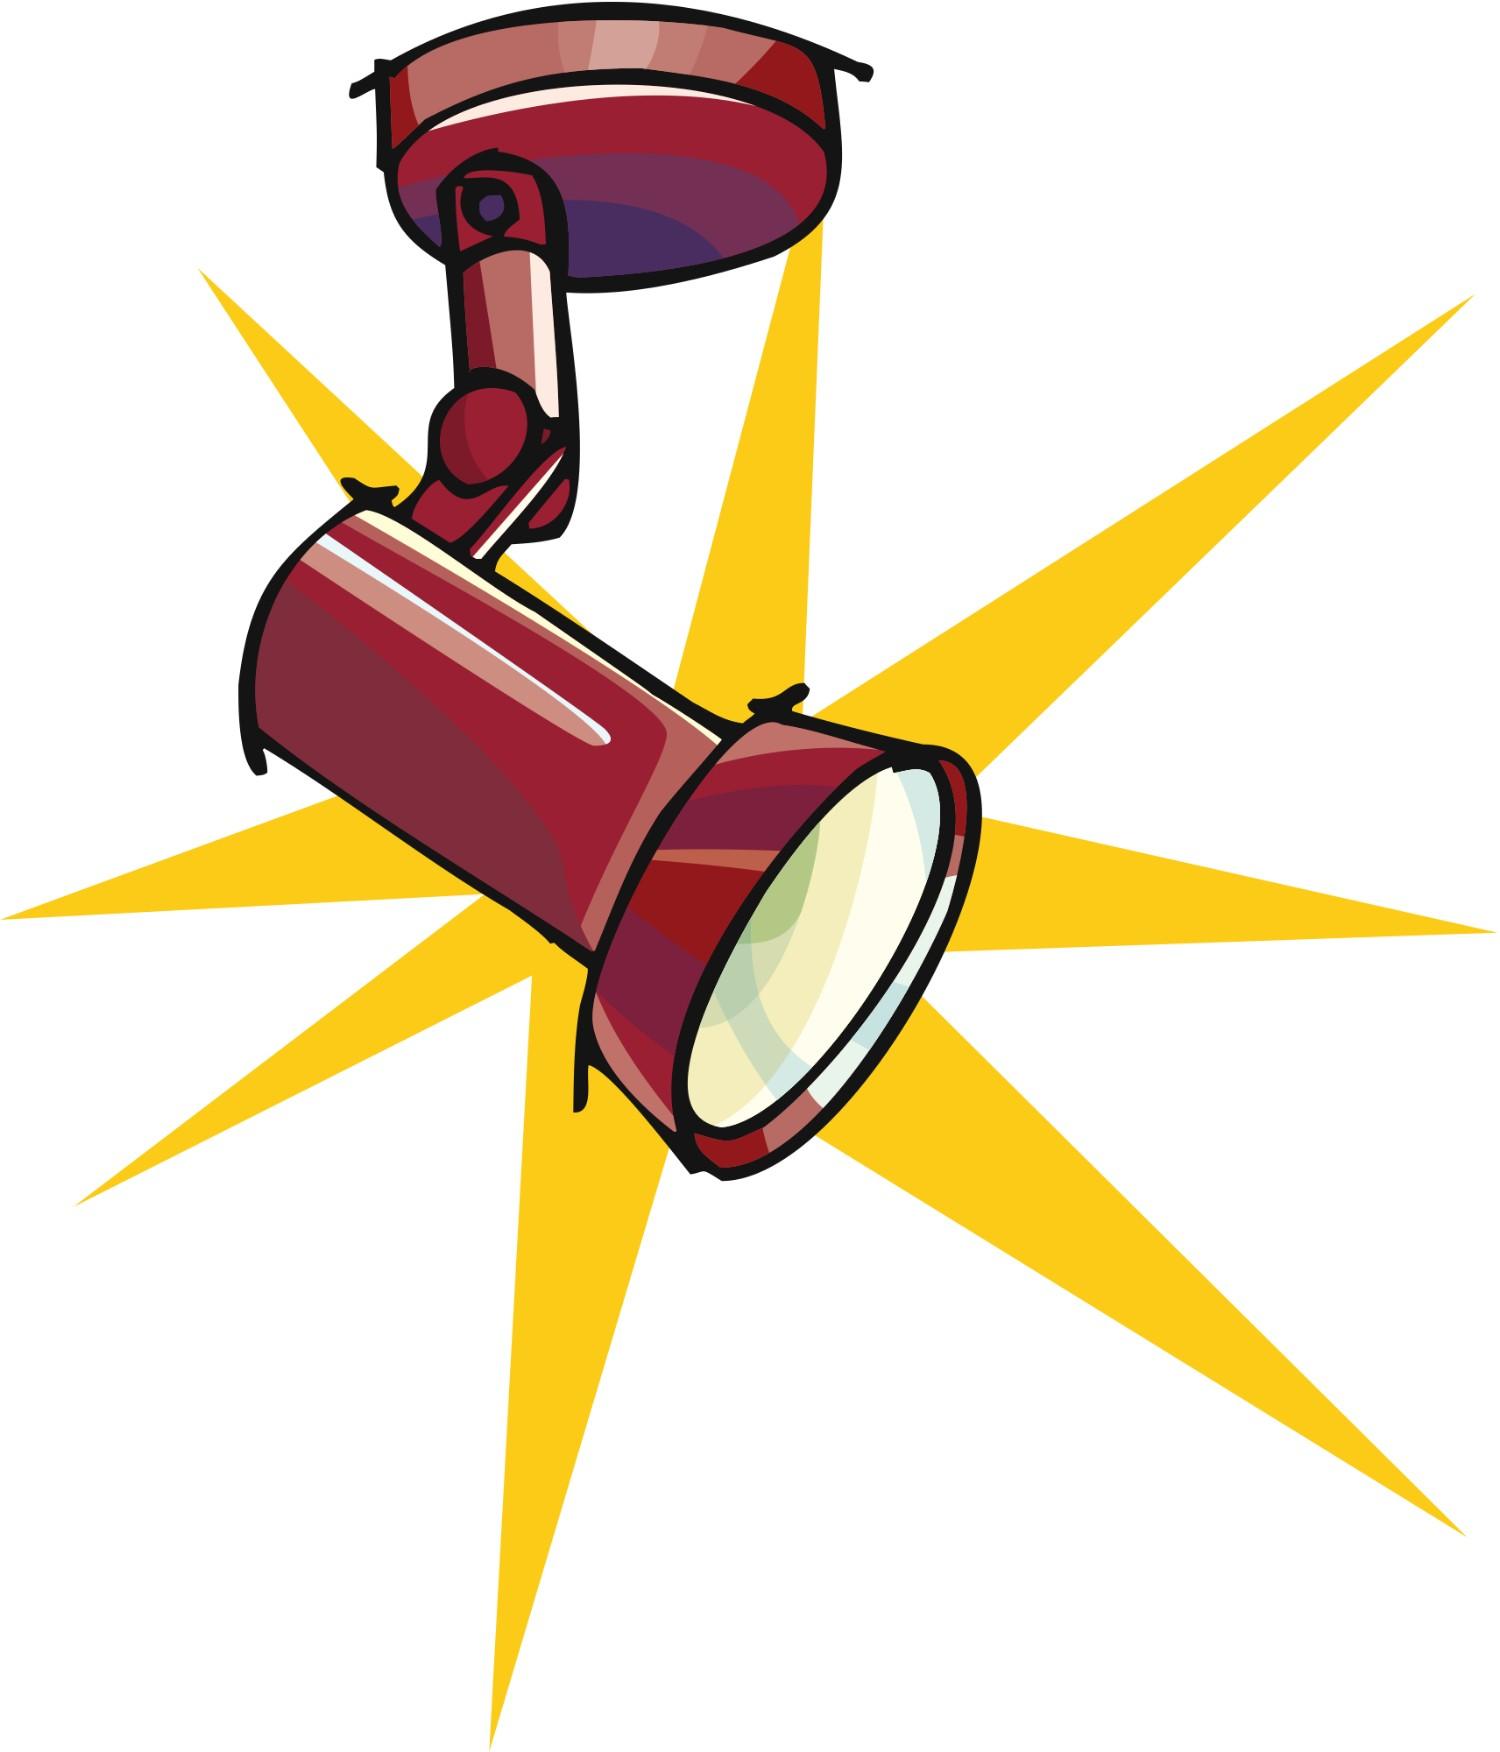 Spotlight clip art image